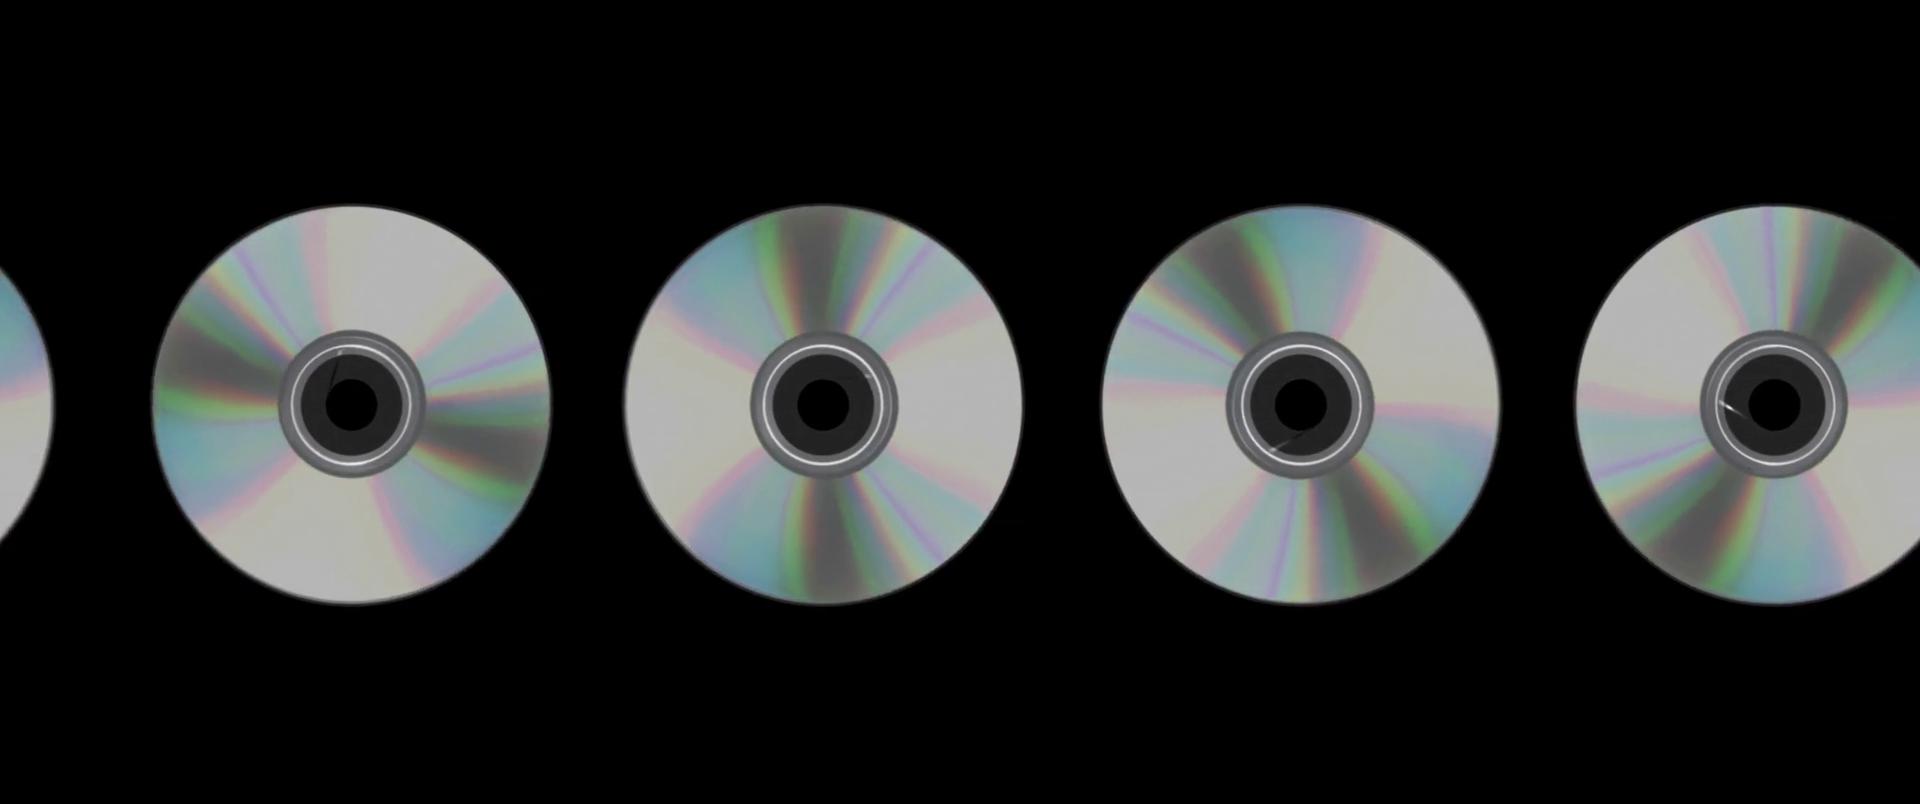 La muerte del CD, pero nueva tienda